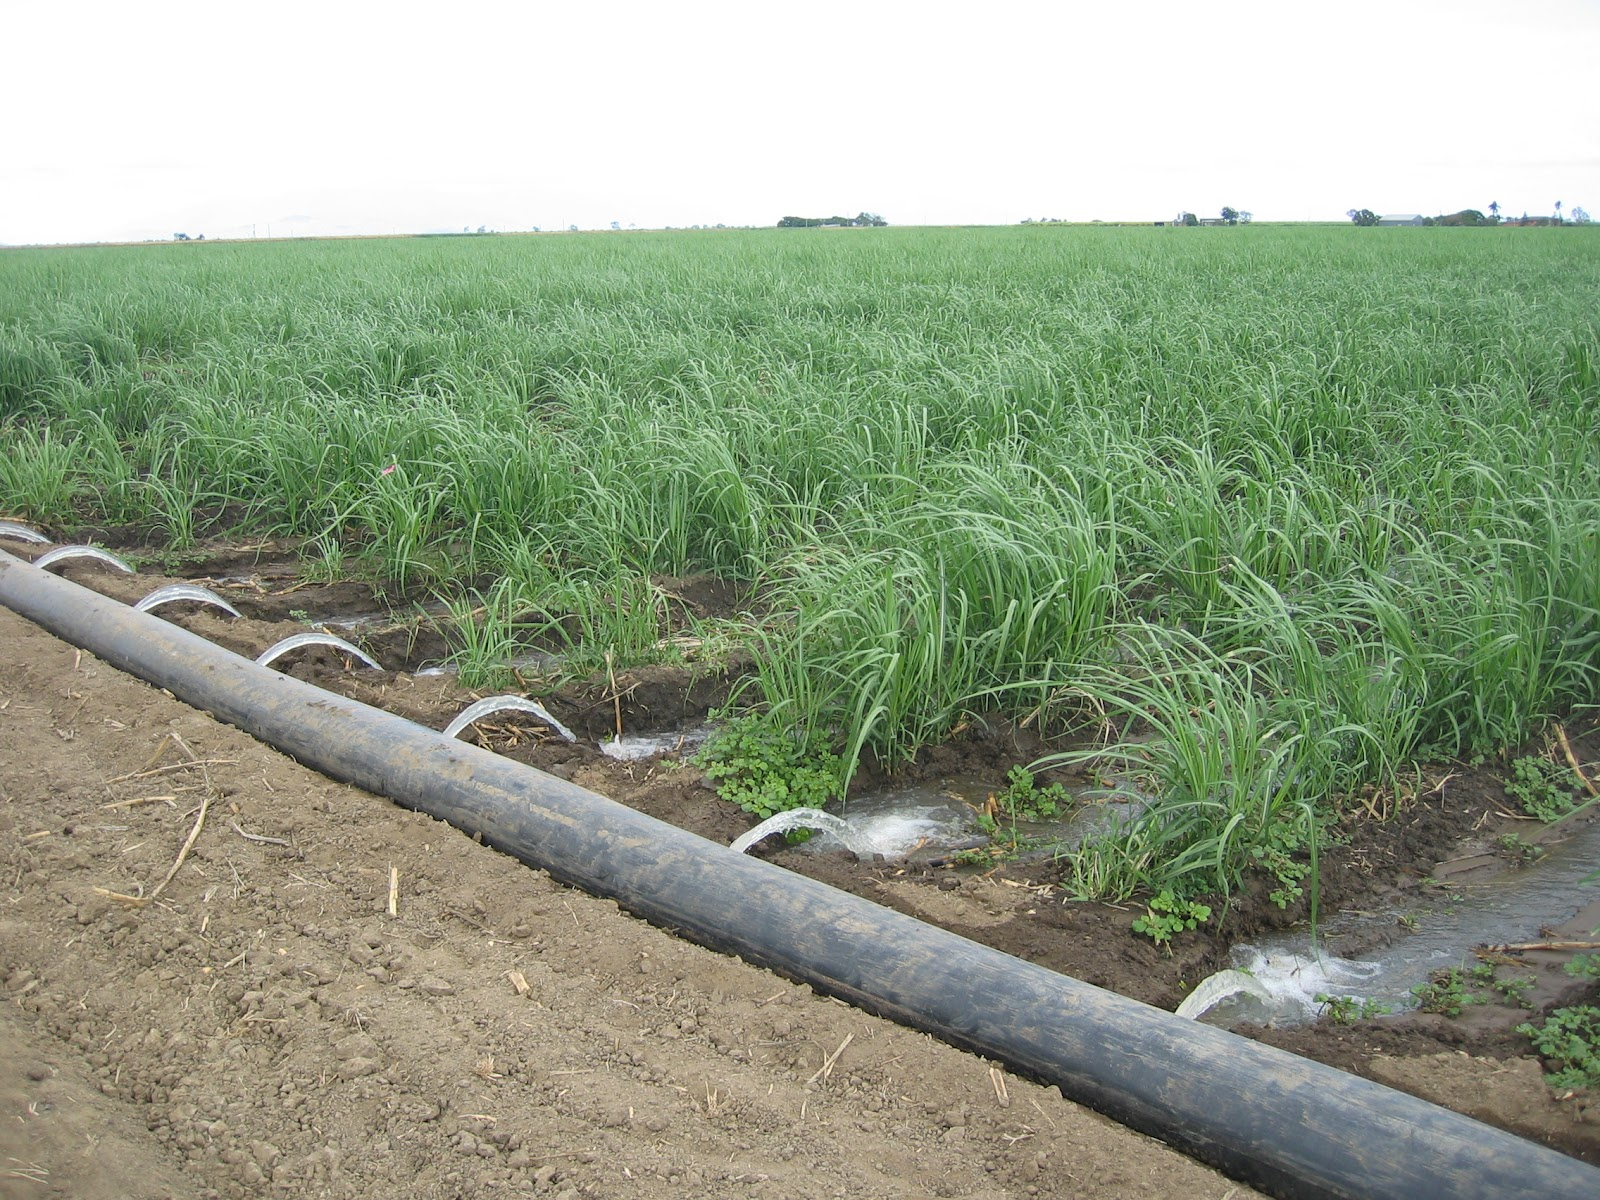 Águas de reuso podem ser muito úteis para a irrigação (Fonte: Wikimedia Commons)